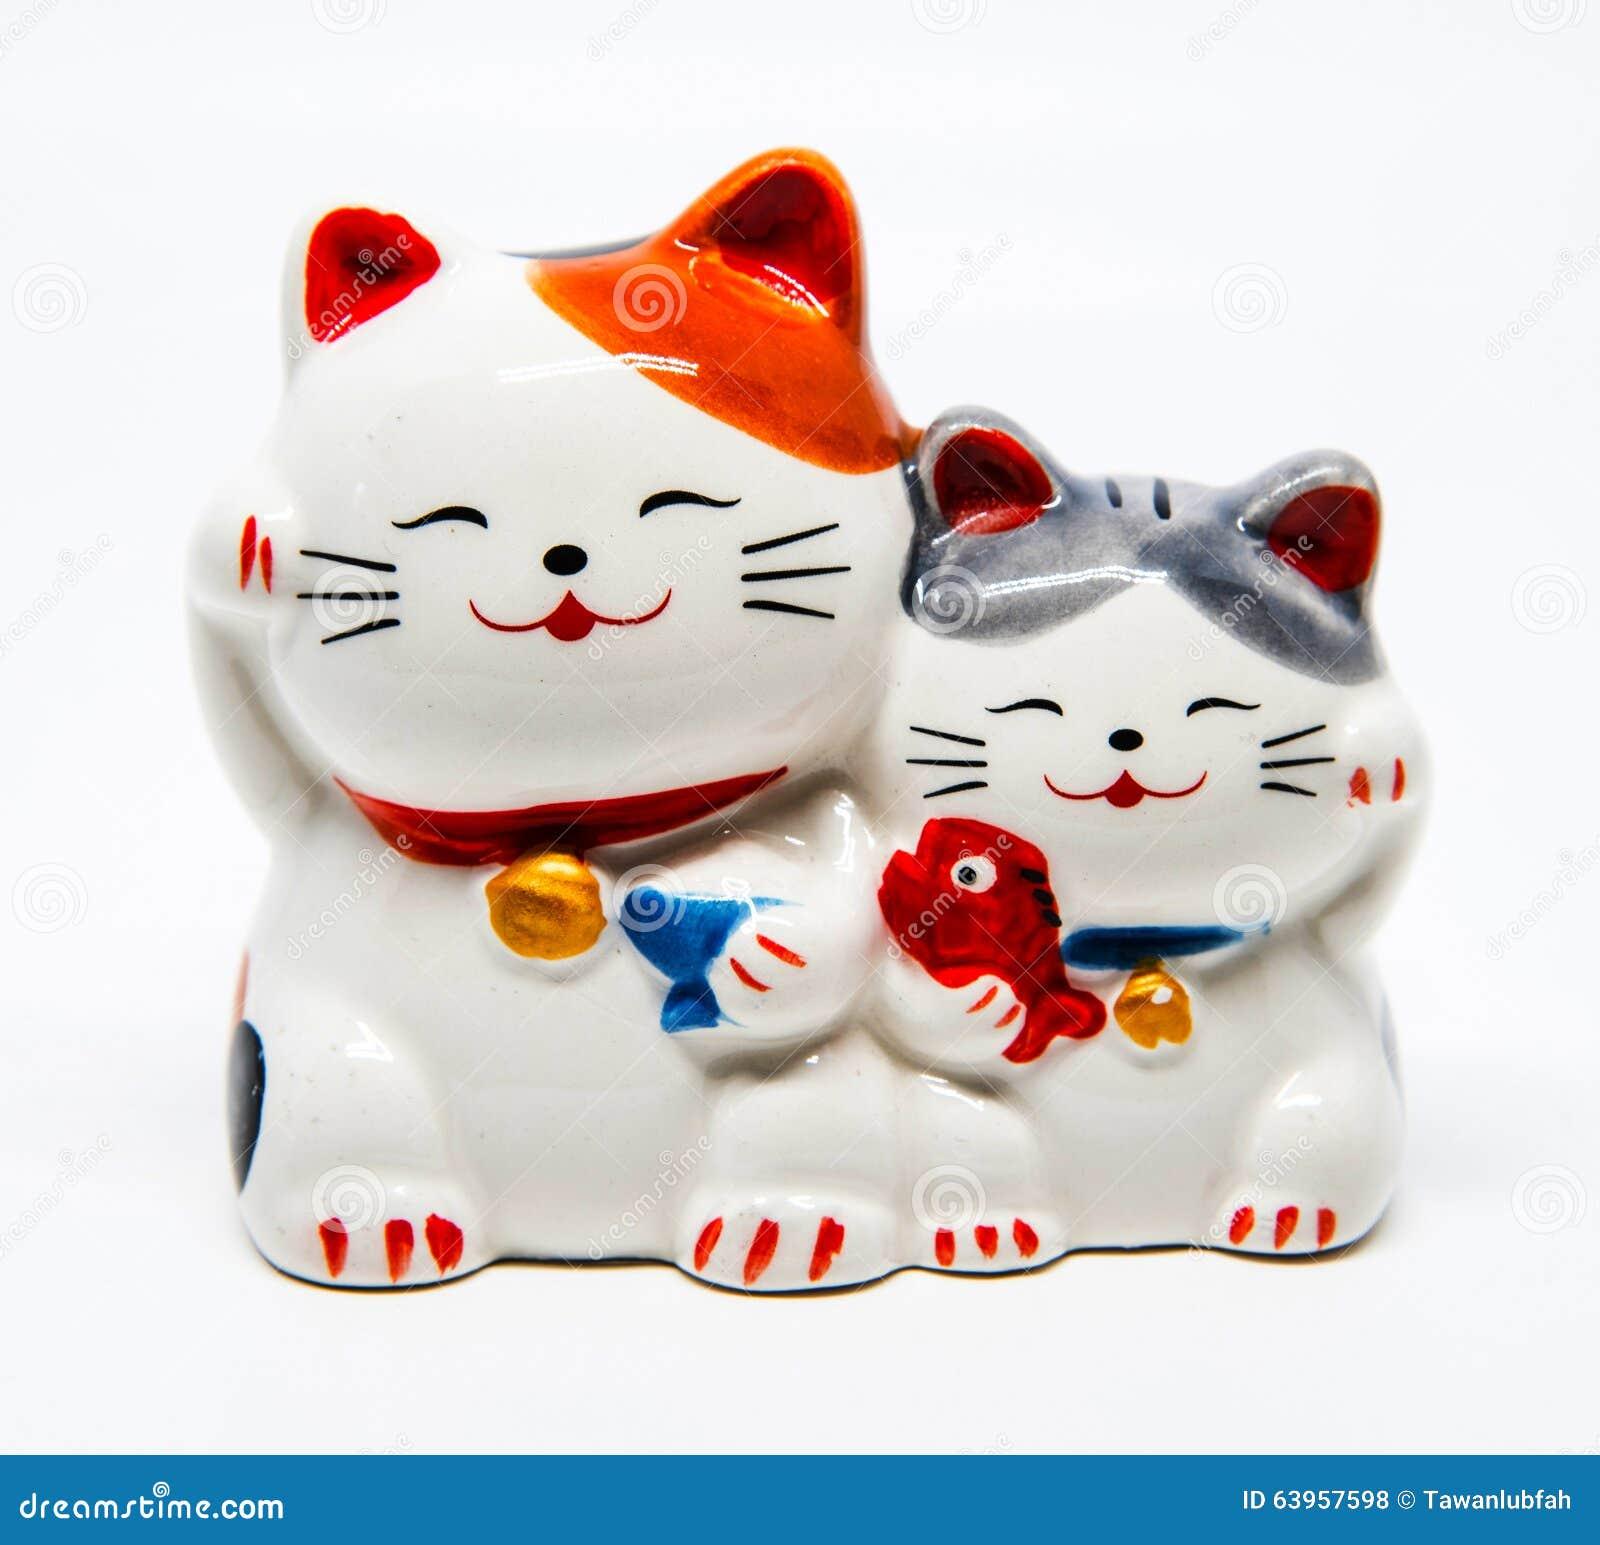 Ceramic Japanese welcoming Cats or lucky Cat ( Maneki Neko ).